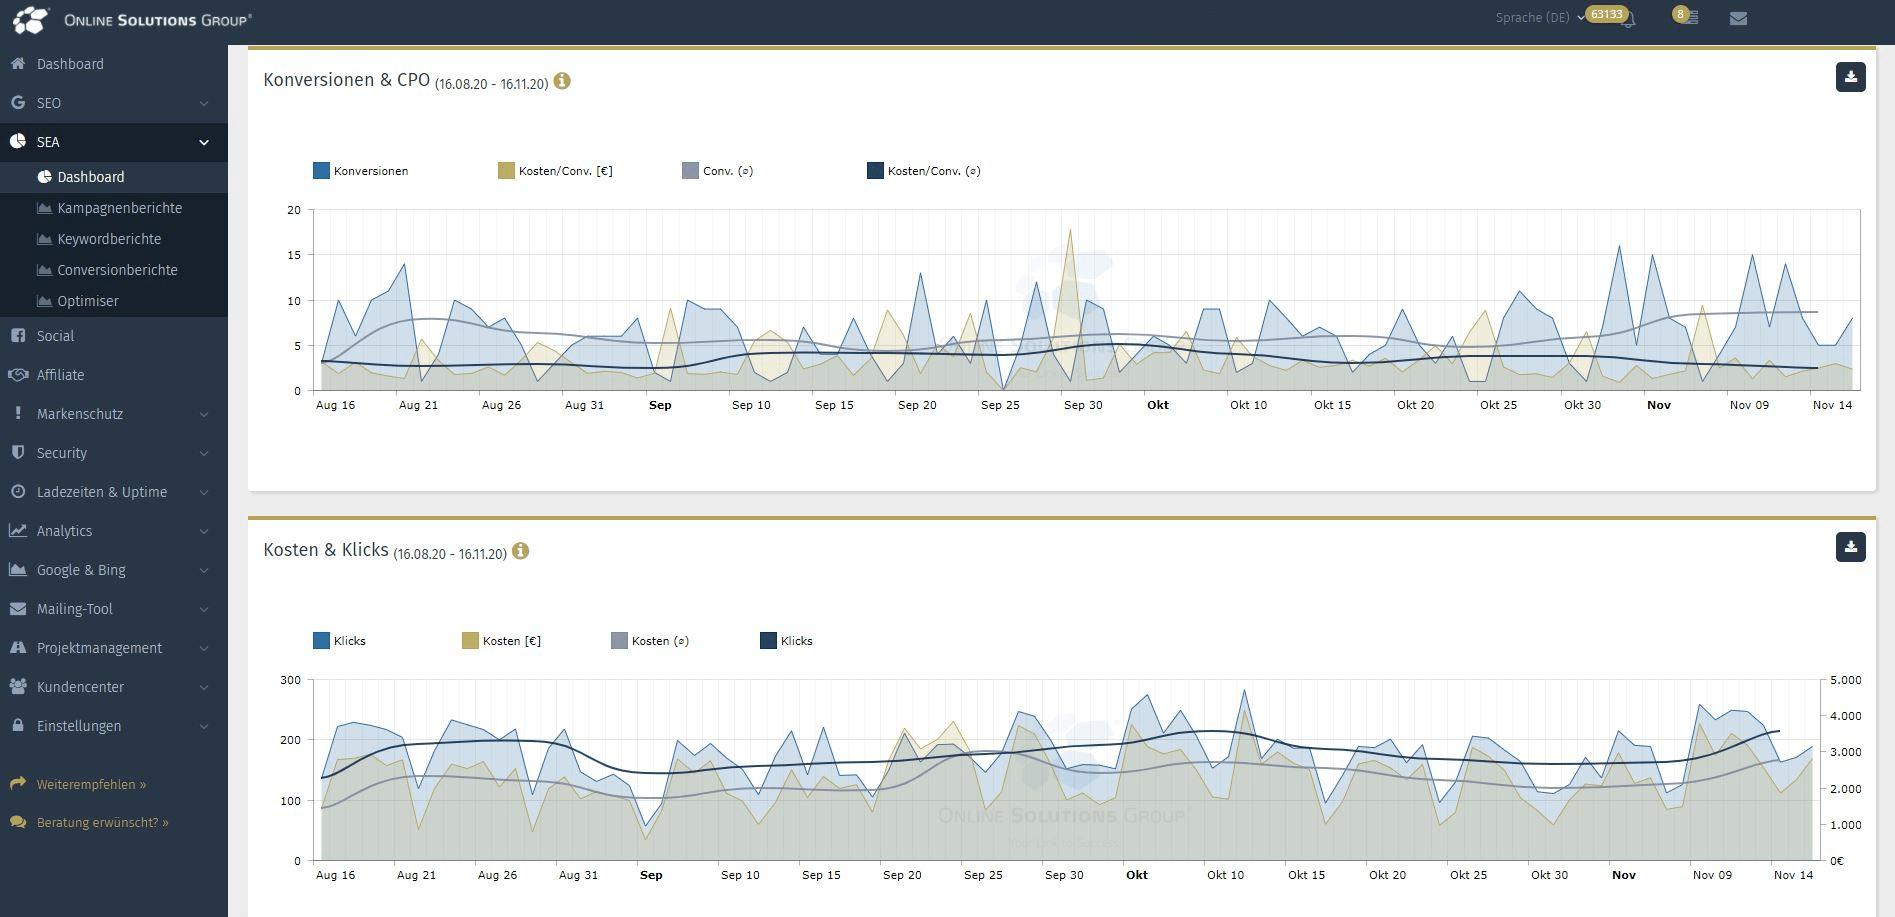 Das SEA Tool in der Performance Suite: Conversions und Kosten